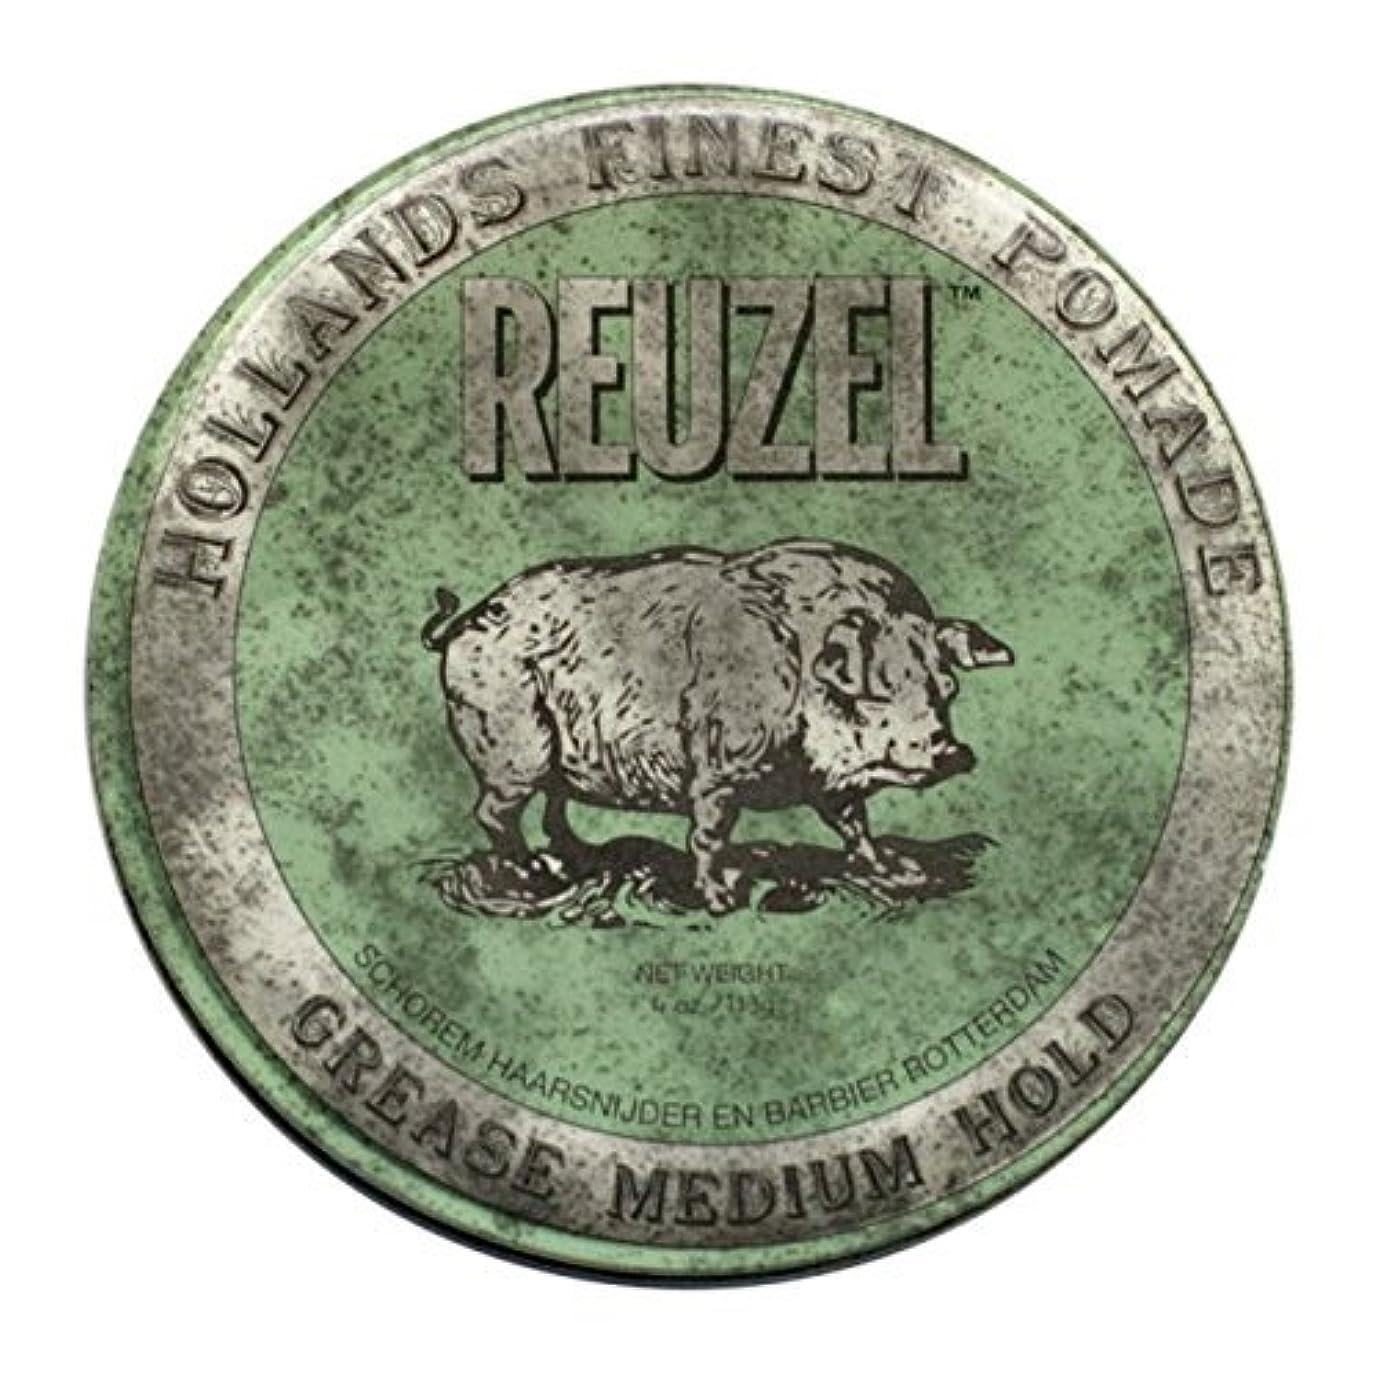 処方番目改善するREUZEL Grease Hold Hair Styling Pomade Piglet Wax/Gel, Medium, Green, 1.3 oz, 35g [並行輸入品]